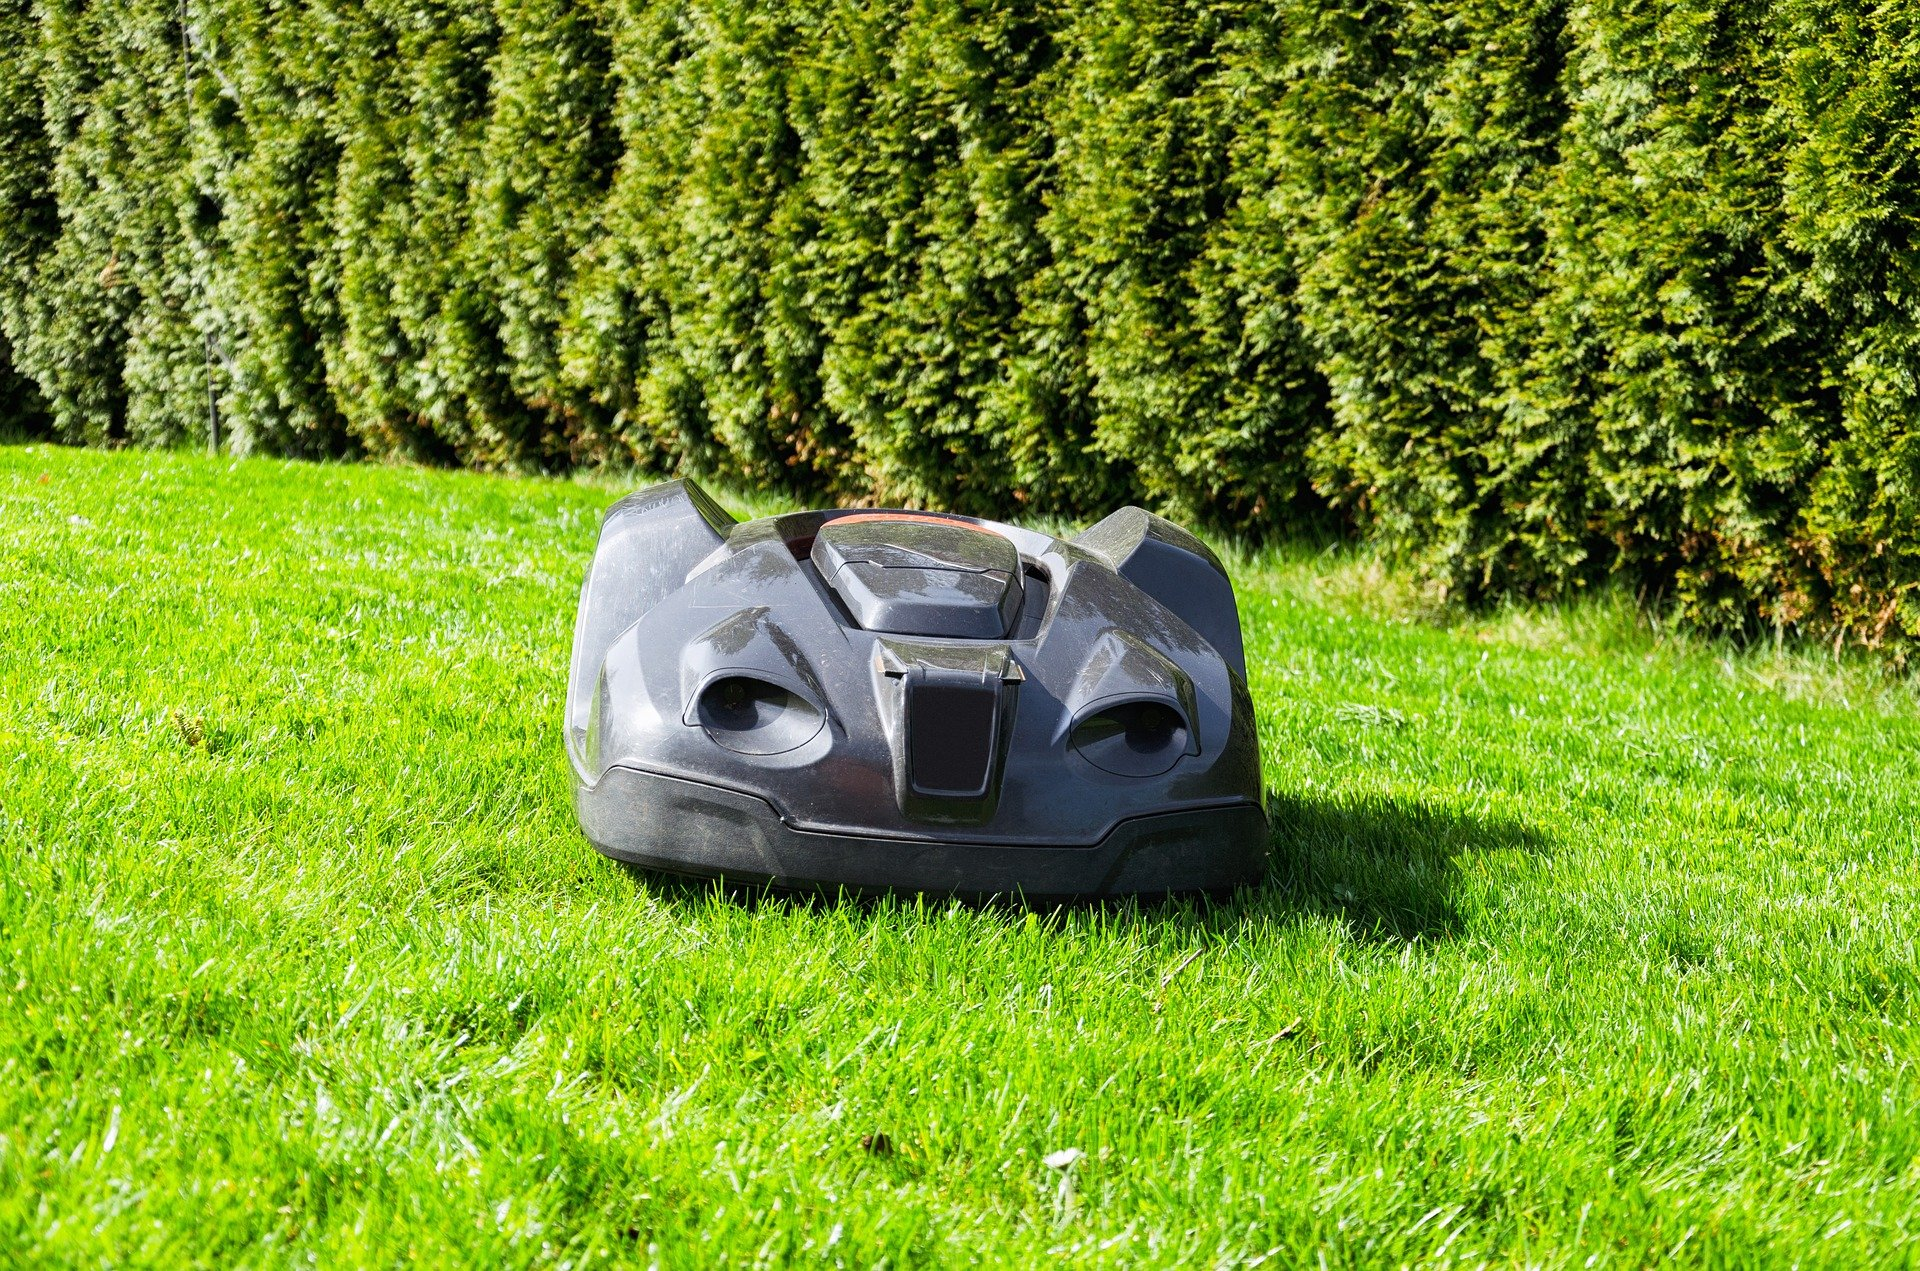 När du tröttnat på din robot - boka din egen super-trädgårds-veteran